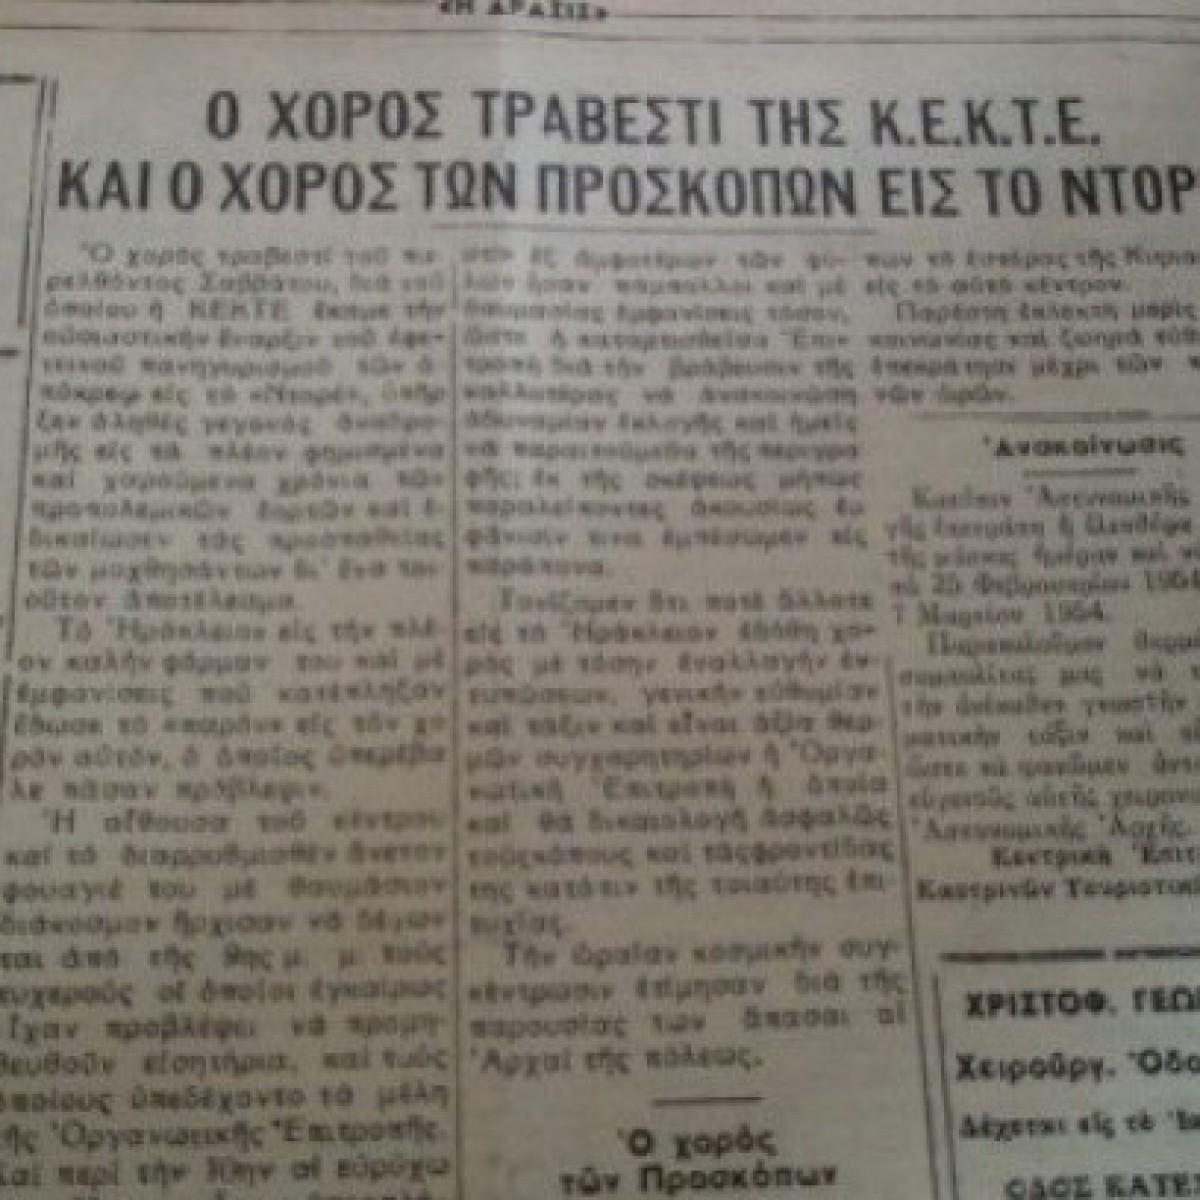 Τι εννοούσαν οι τοπικές εφημερίδες το 1954;